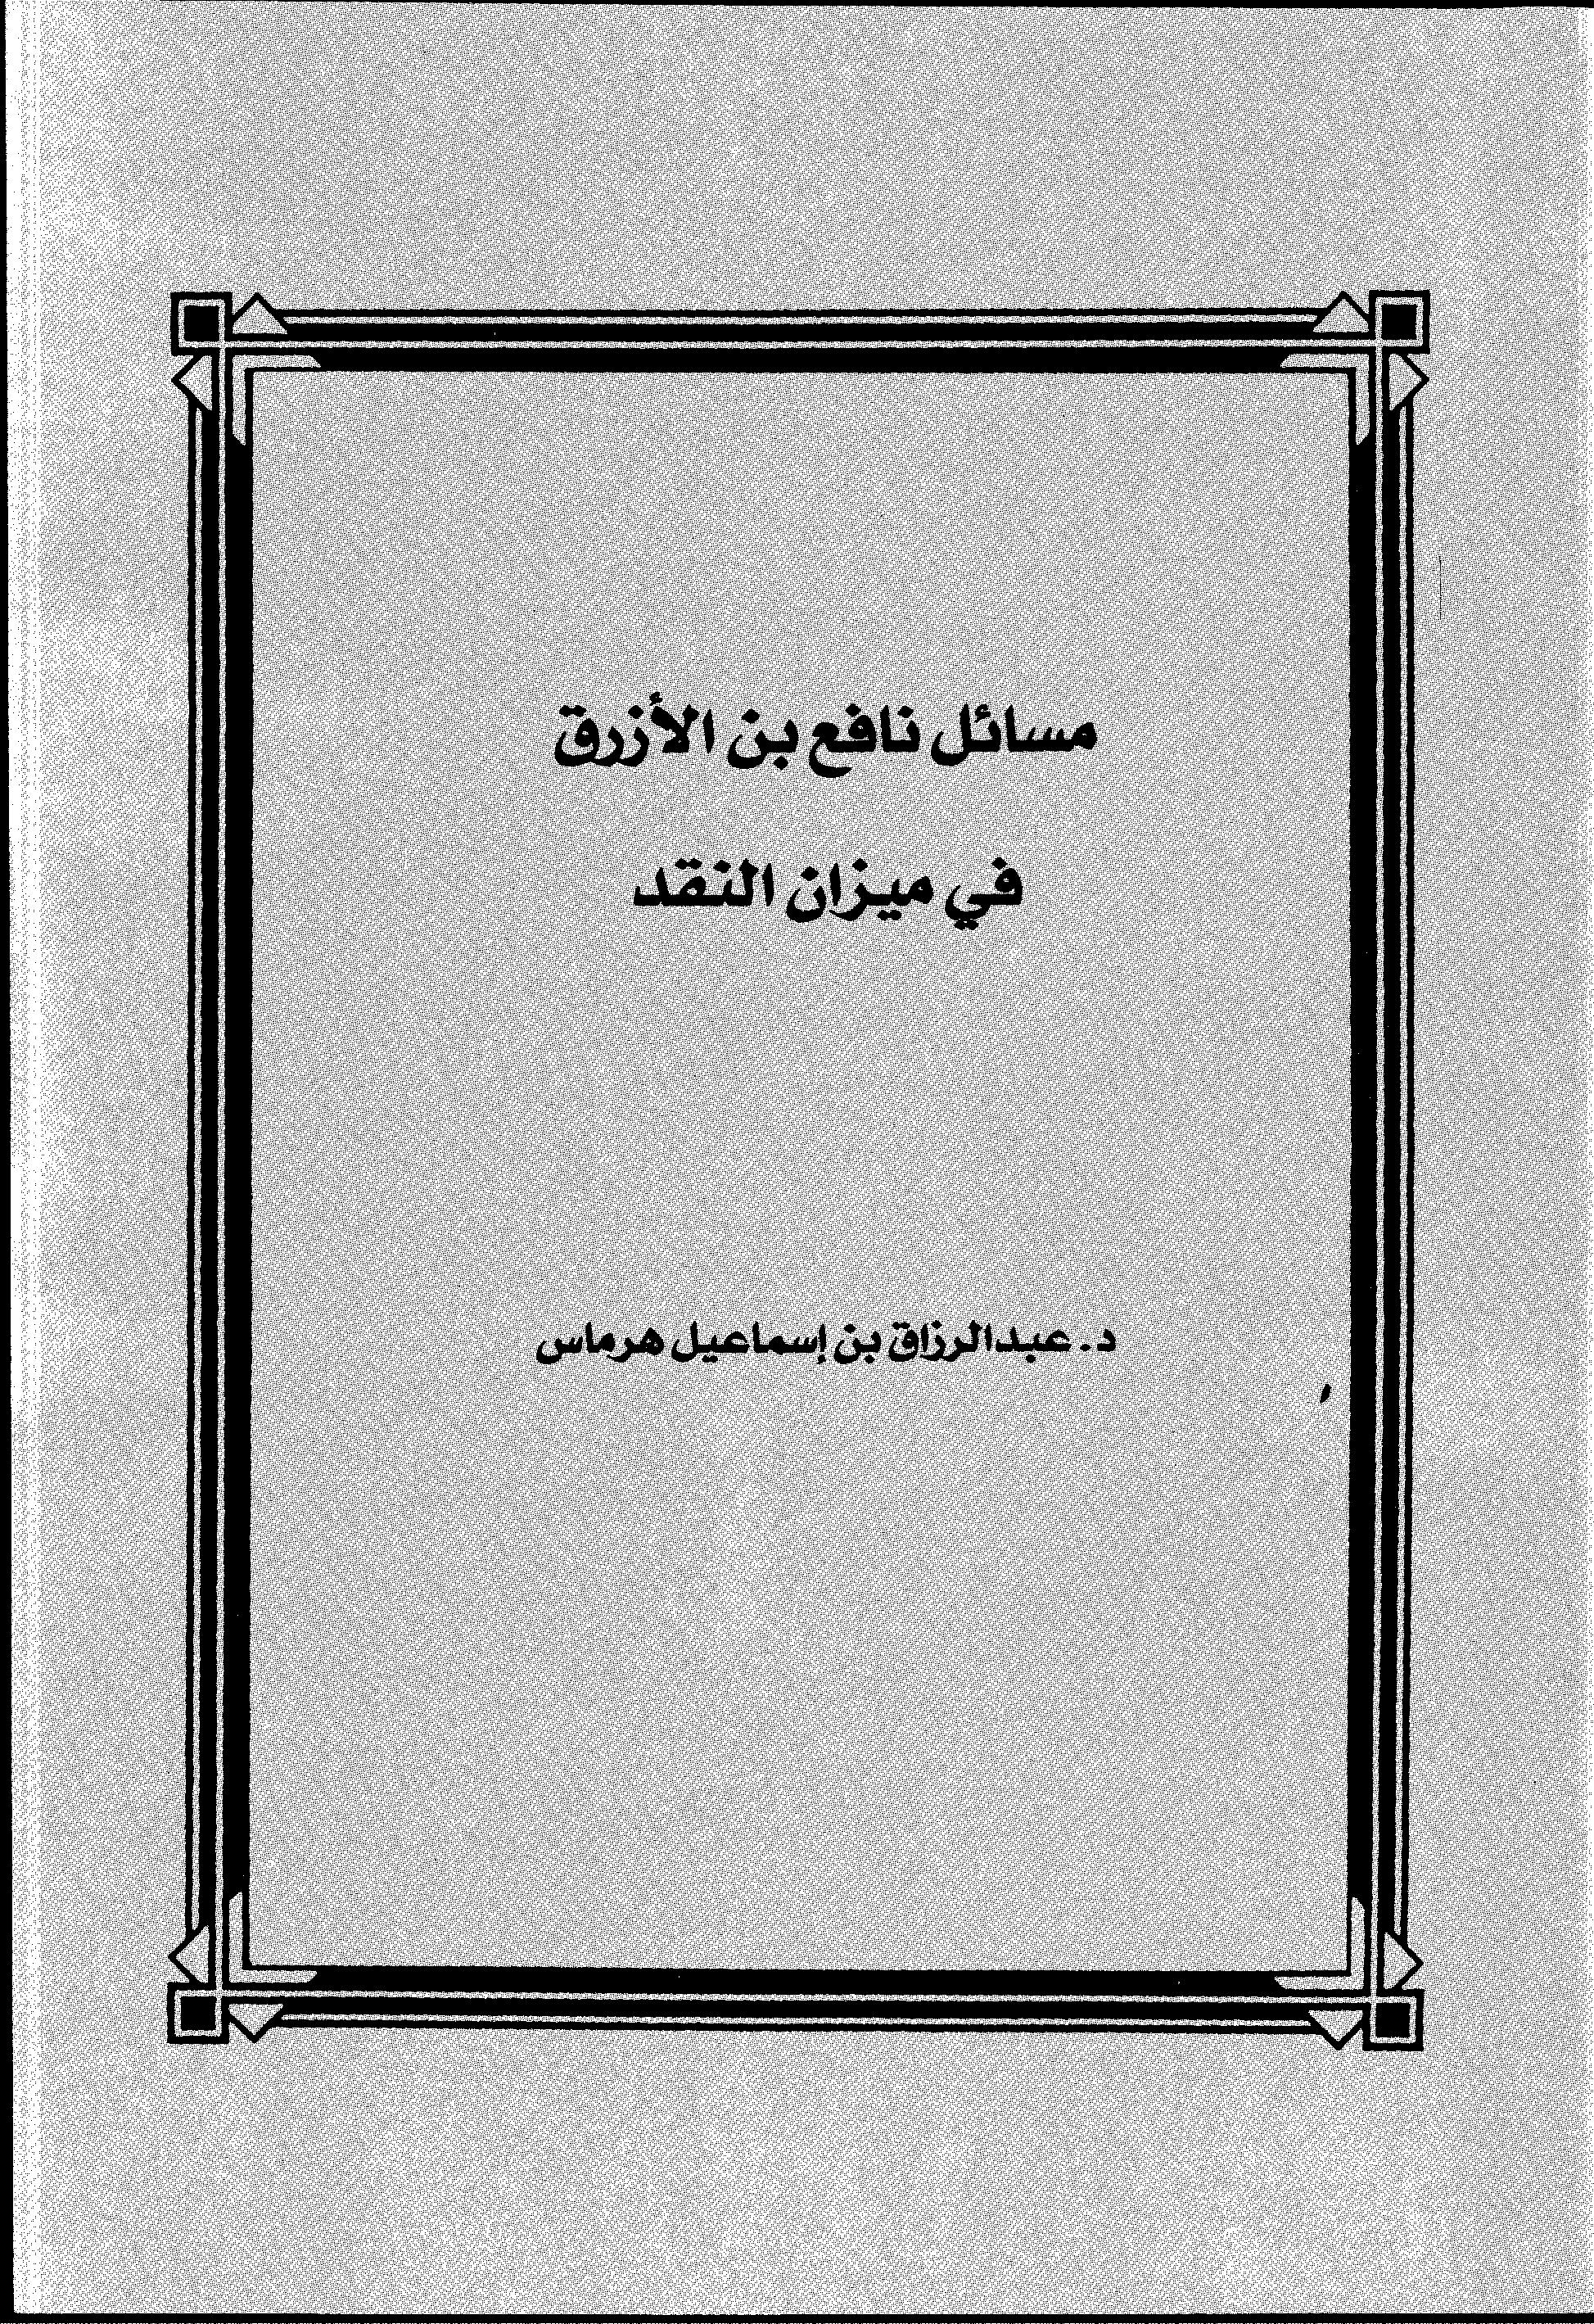 تحميل كتاب مسائل نافع بن الأزرق في ميزان النقد لـِ: الدكتور عبد الرزاق هرماس إسماعيل بن محمد